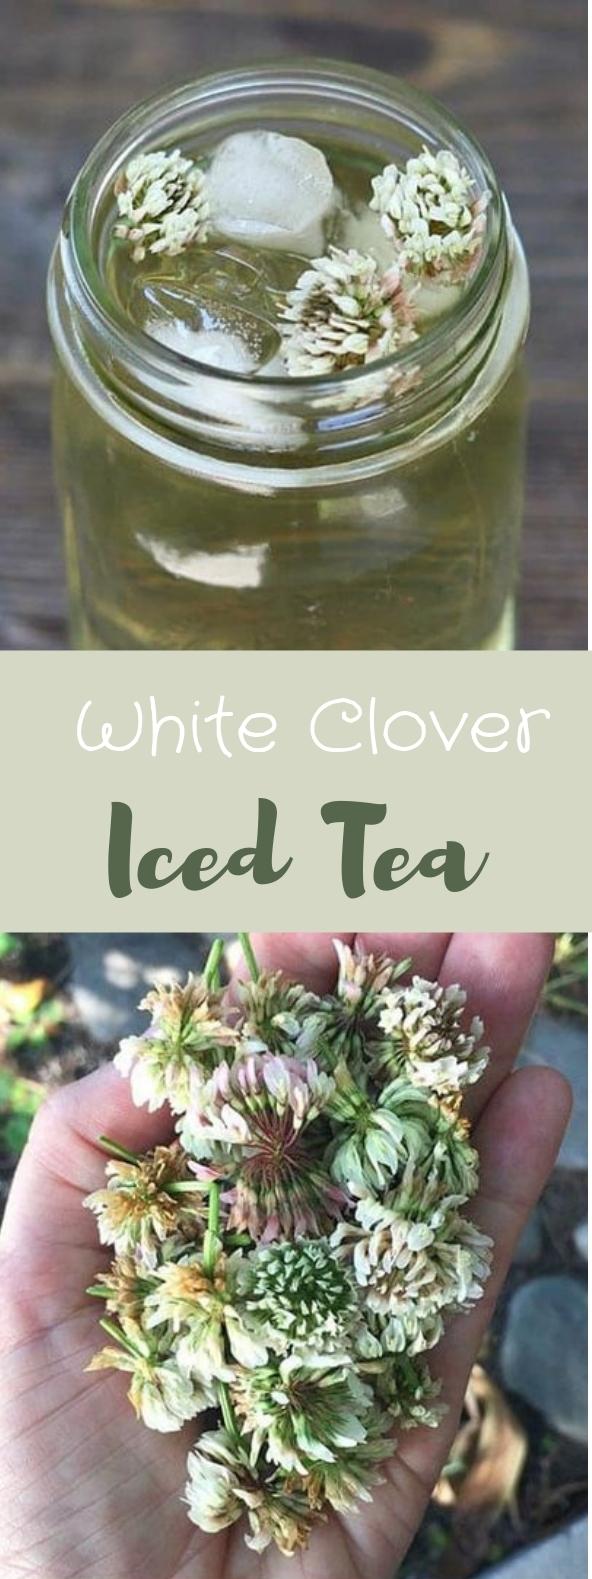 White Clover Iced Tea #icedtea #drinks